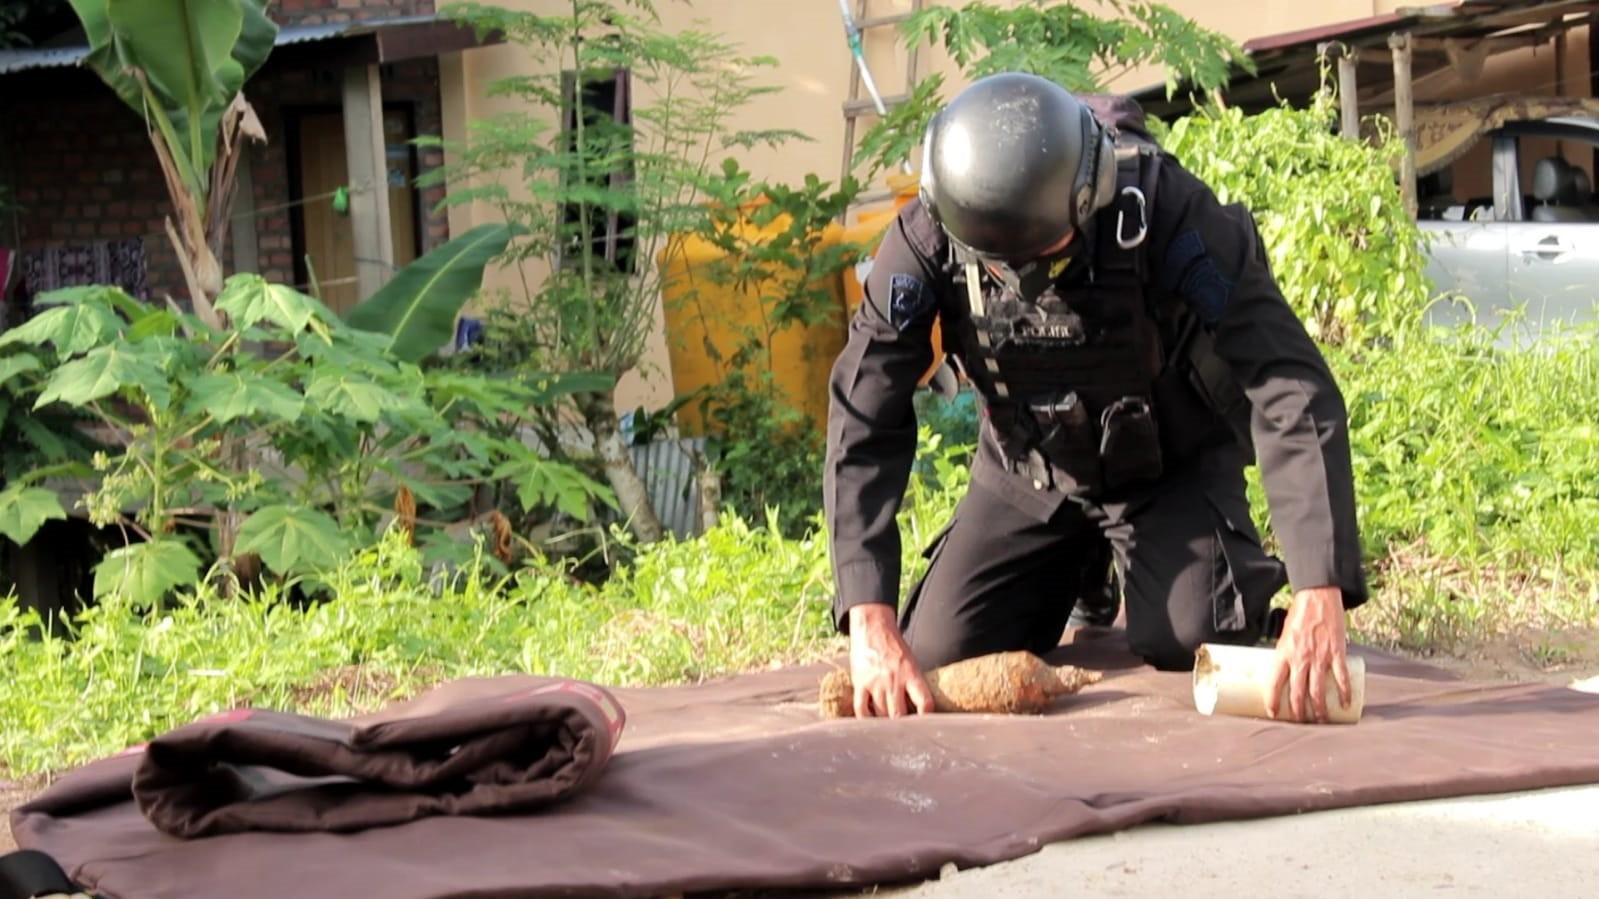 Bahaya! Mortir Aktif PD Ke-II Ditemukan di Belakang Rumah Warga Pamusian